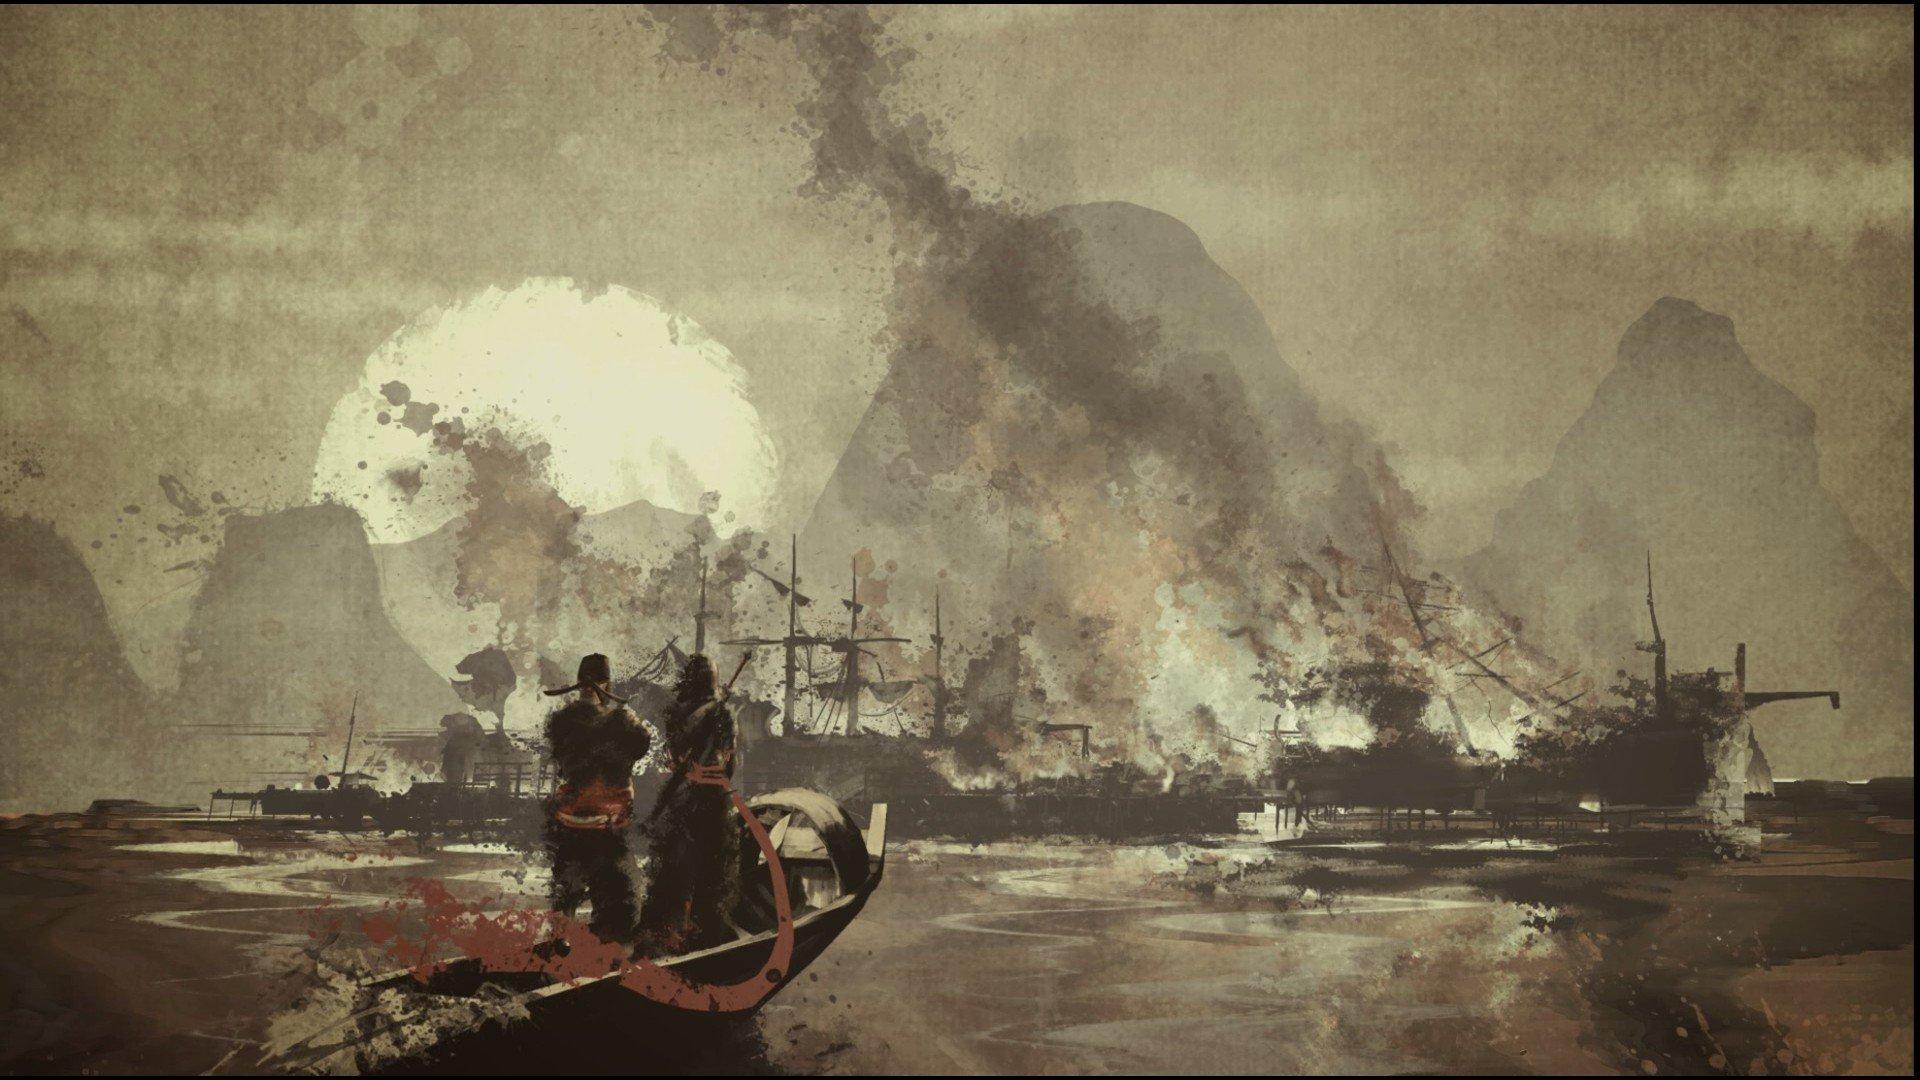 Рецензия: Assassin's Creed Chronicles China - Изображение 3